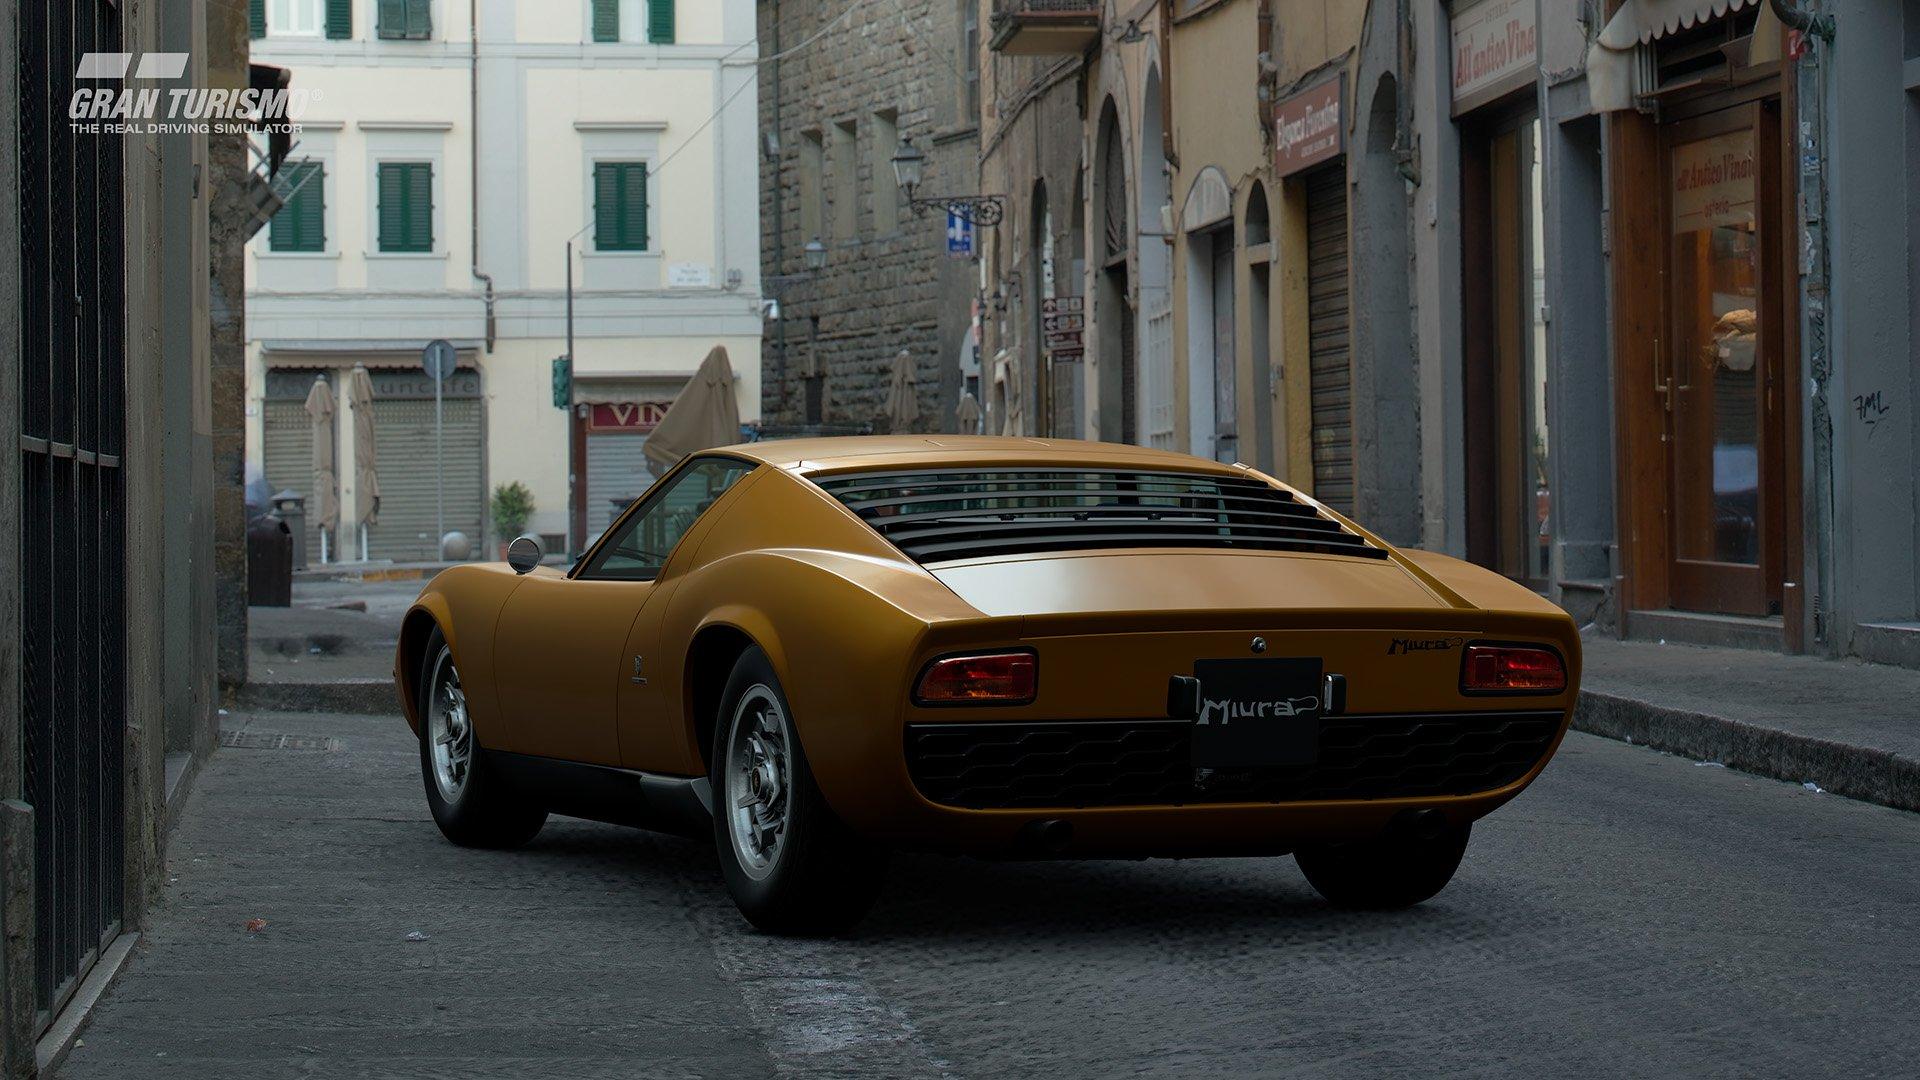 Gran Turismo Sport May update Lamborghini Miura P400 Bertone Prototype CN.0706 '67 (N400) 1